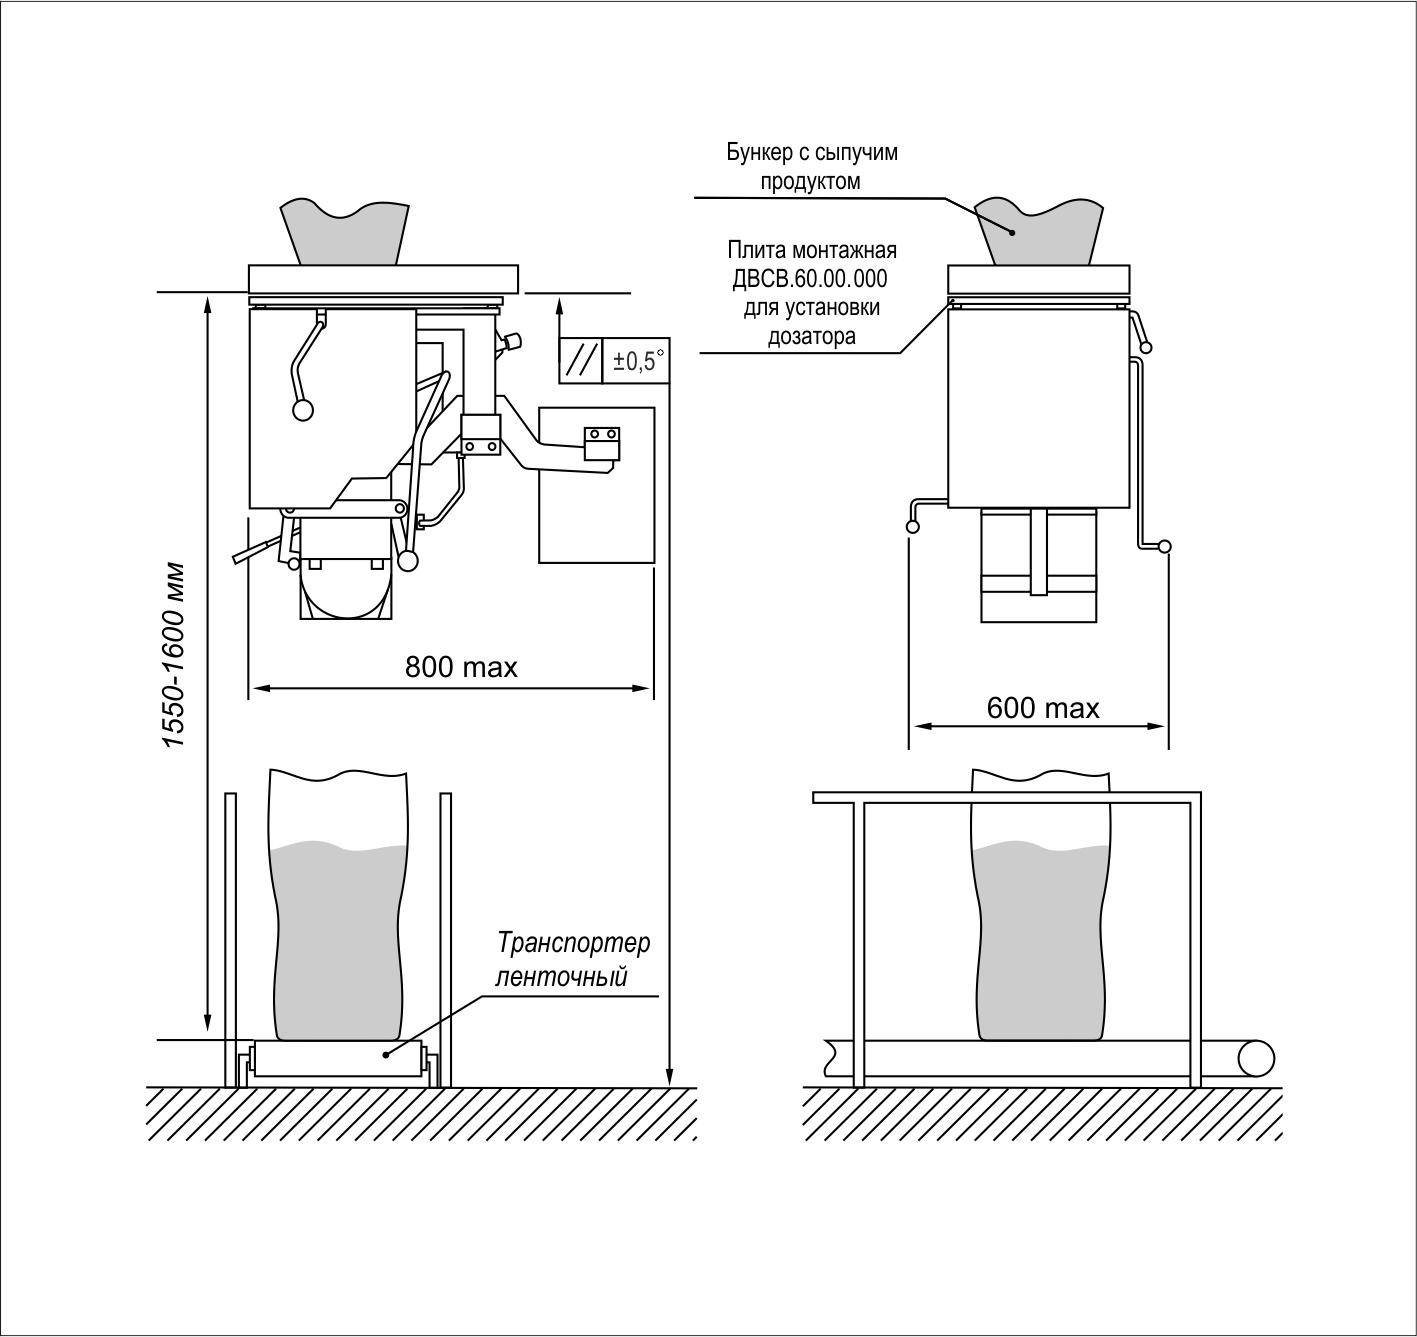 Схема установки ДВСВ-F